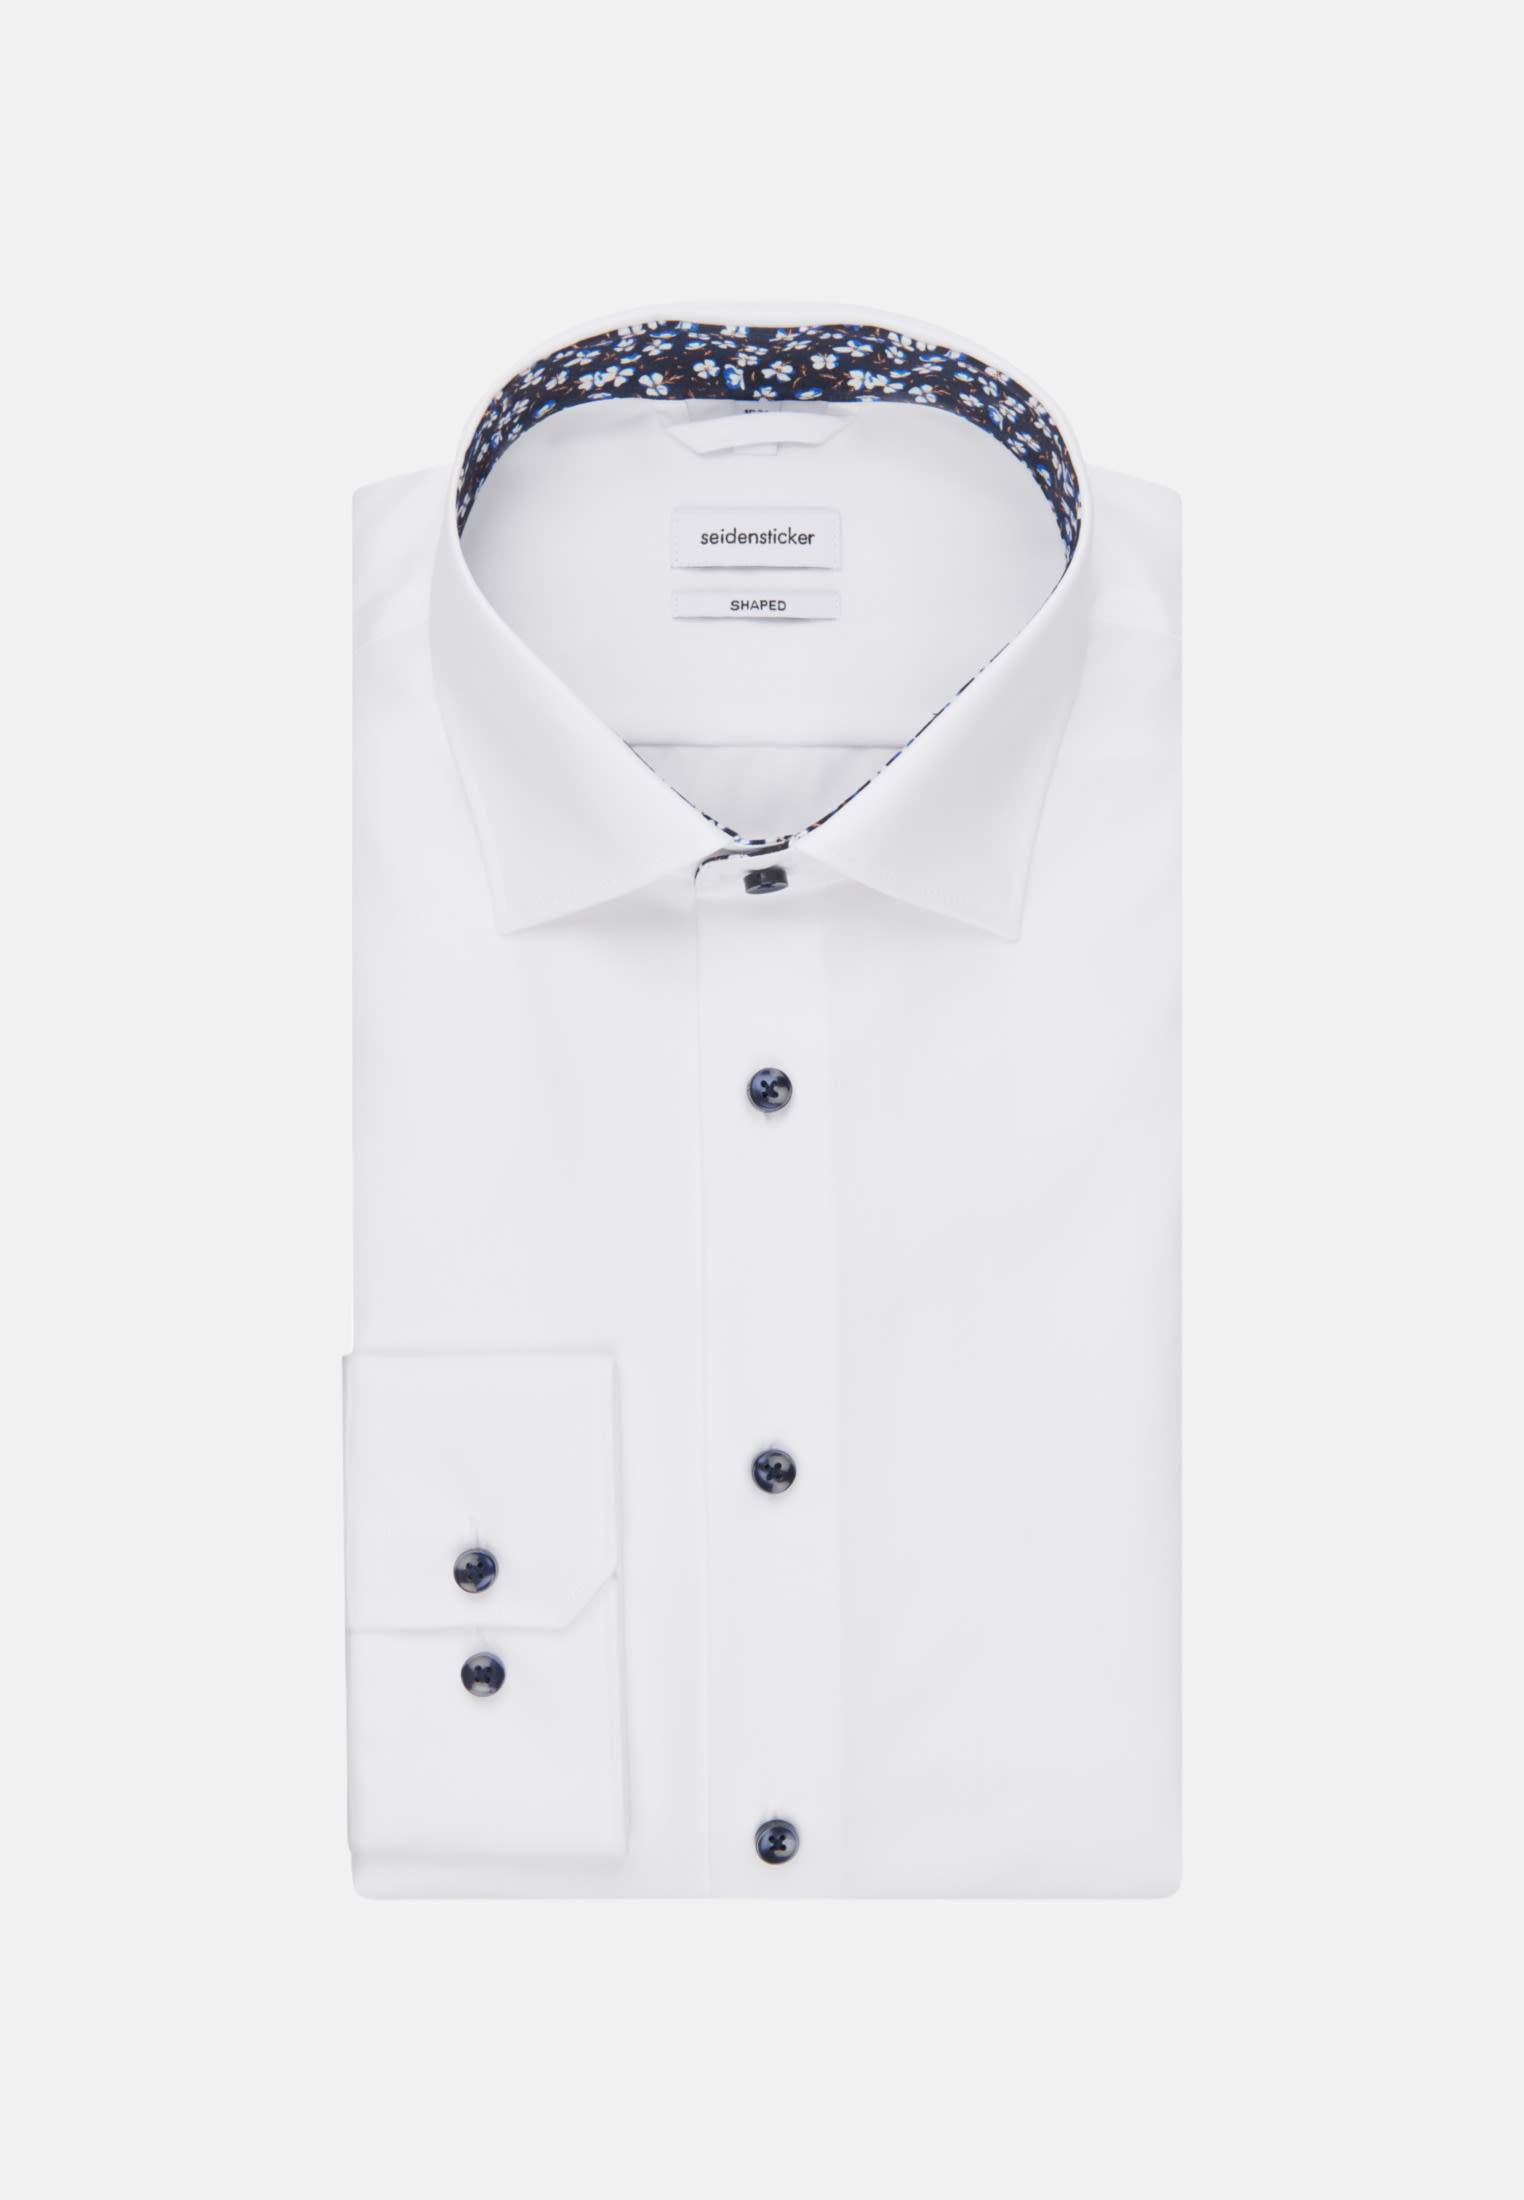 SEIDENSTICKER Businesshemd Tailored Weiß Kentkragen Passform